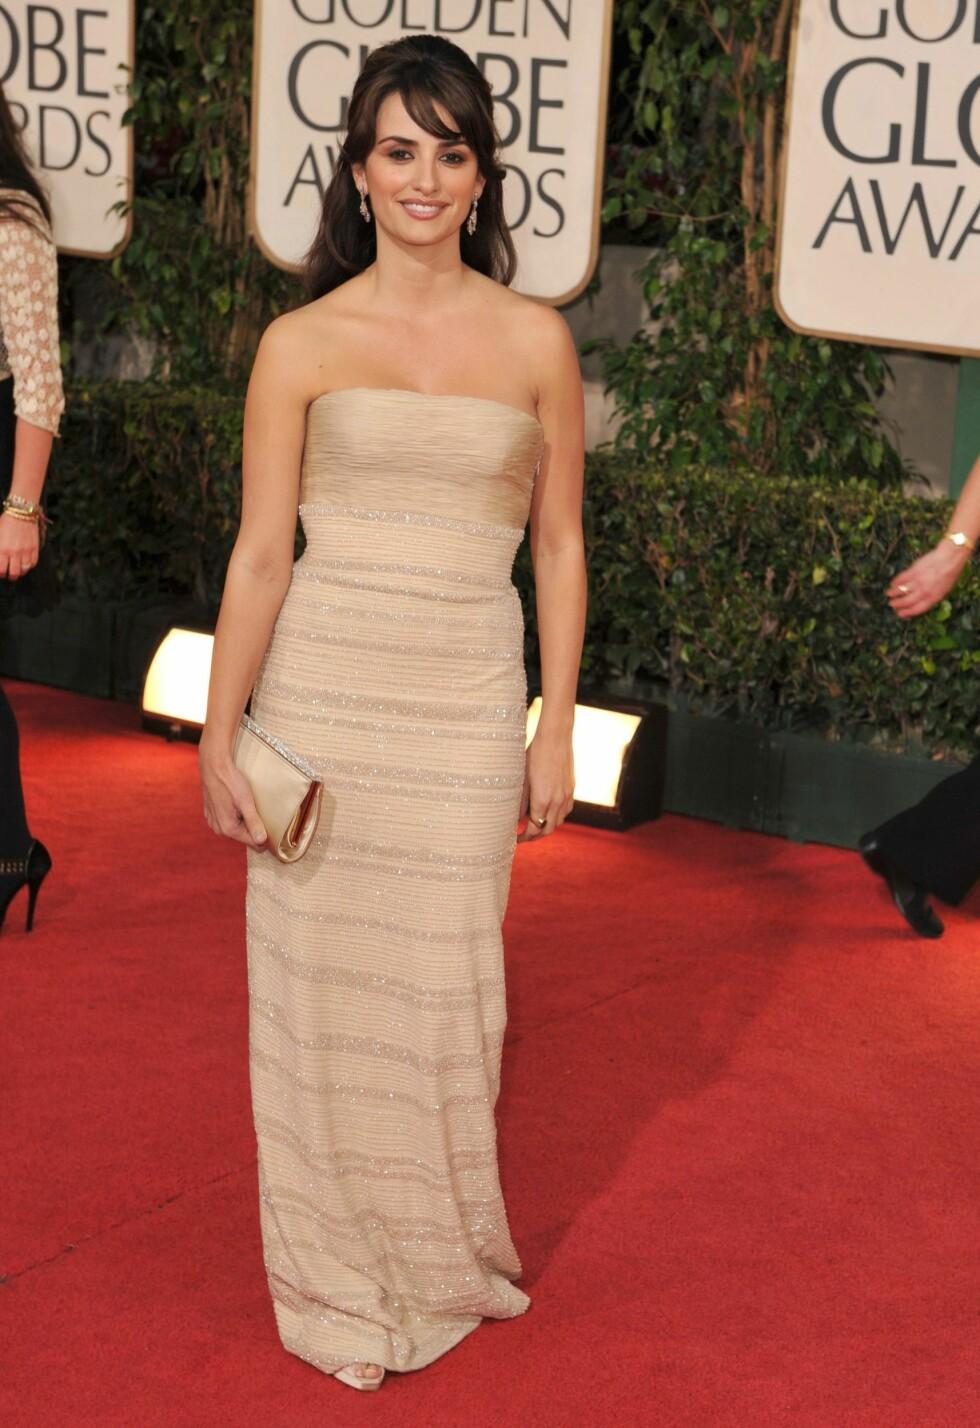 FOKUSERTE PÅ HUD: I likhet med andre stjerner på Golden Globe ankom Penelope Cruz i stil - uten halssmykke.  Foto: All Over Press